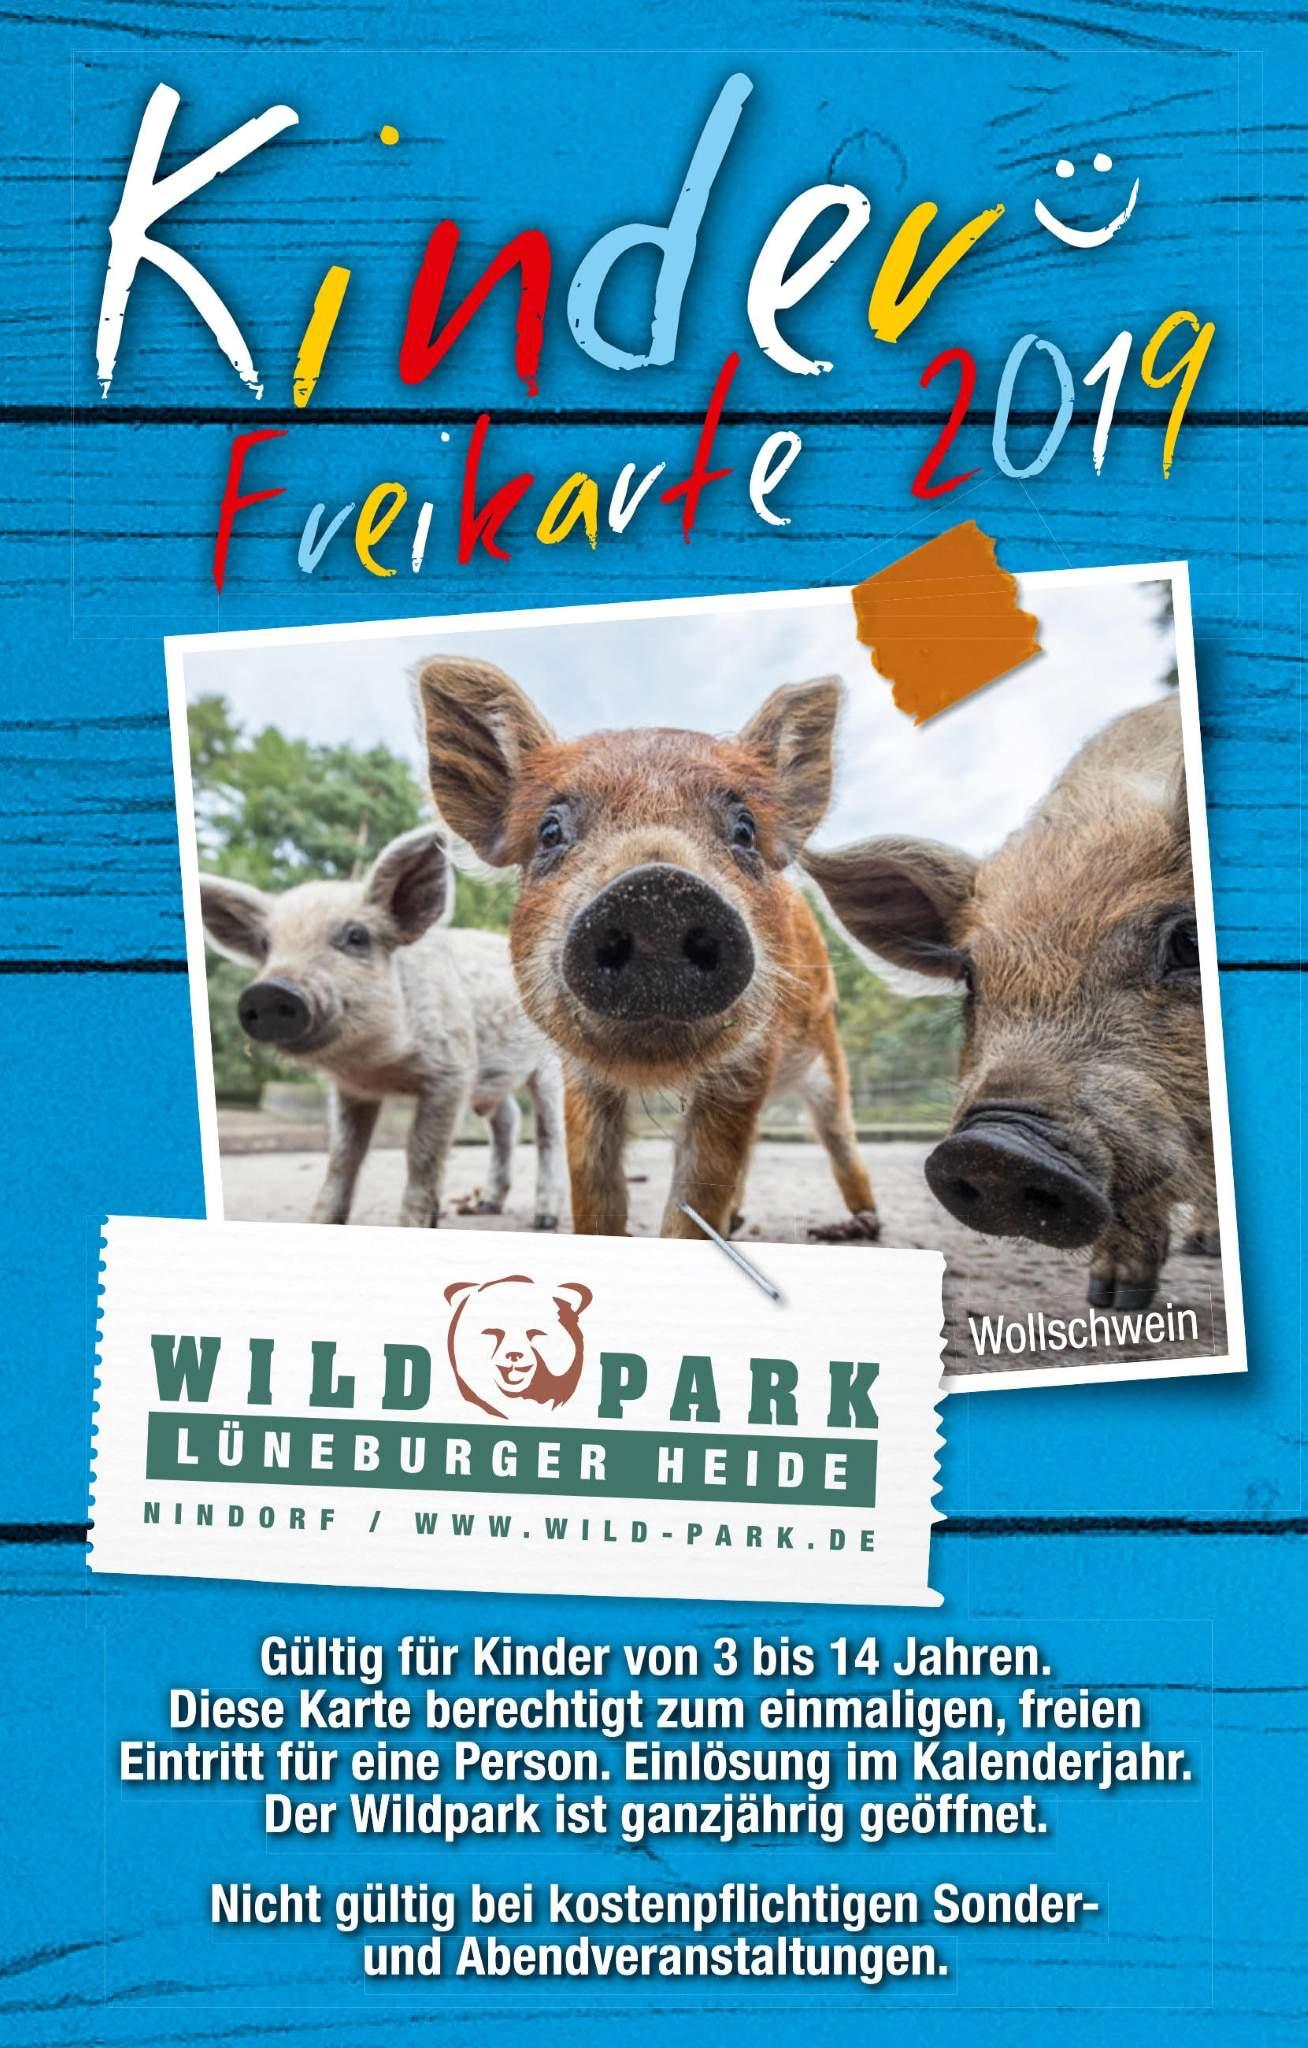 Wildpark Lüneburger Heide Karte.Schöne Heide Wochenendtipps 19 22 04 2019 Schöne Heide